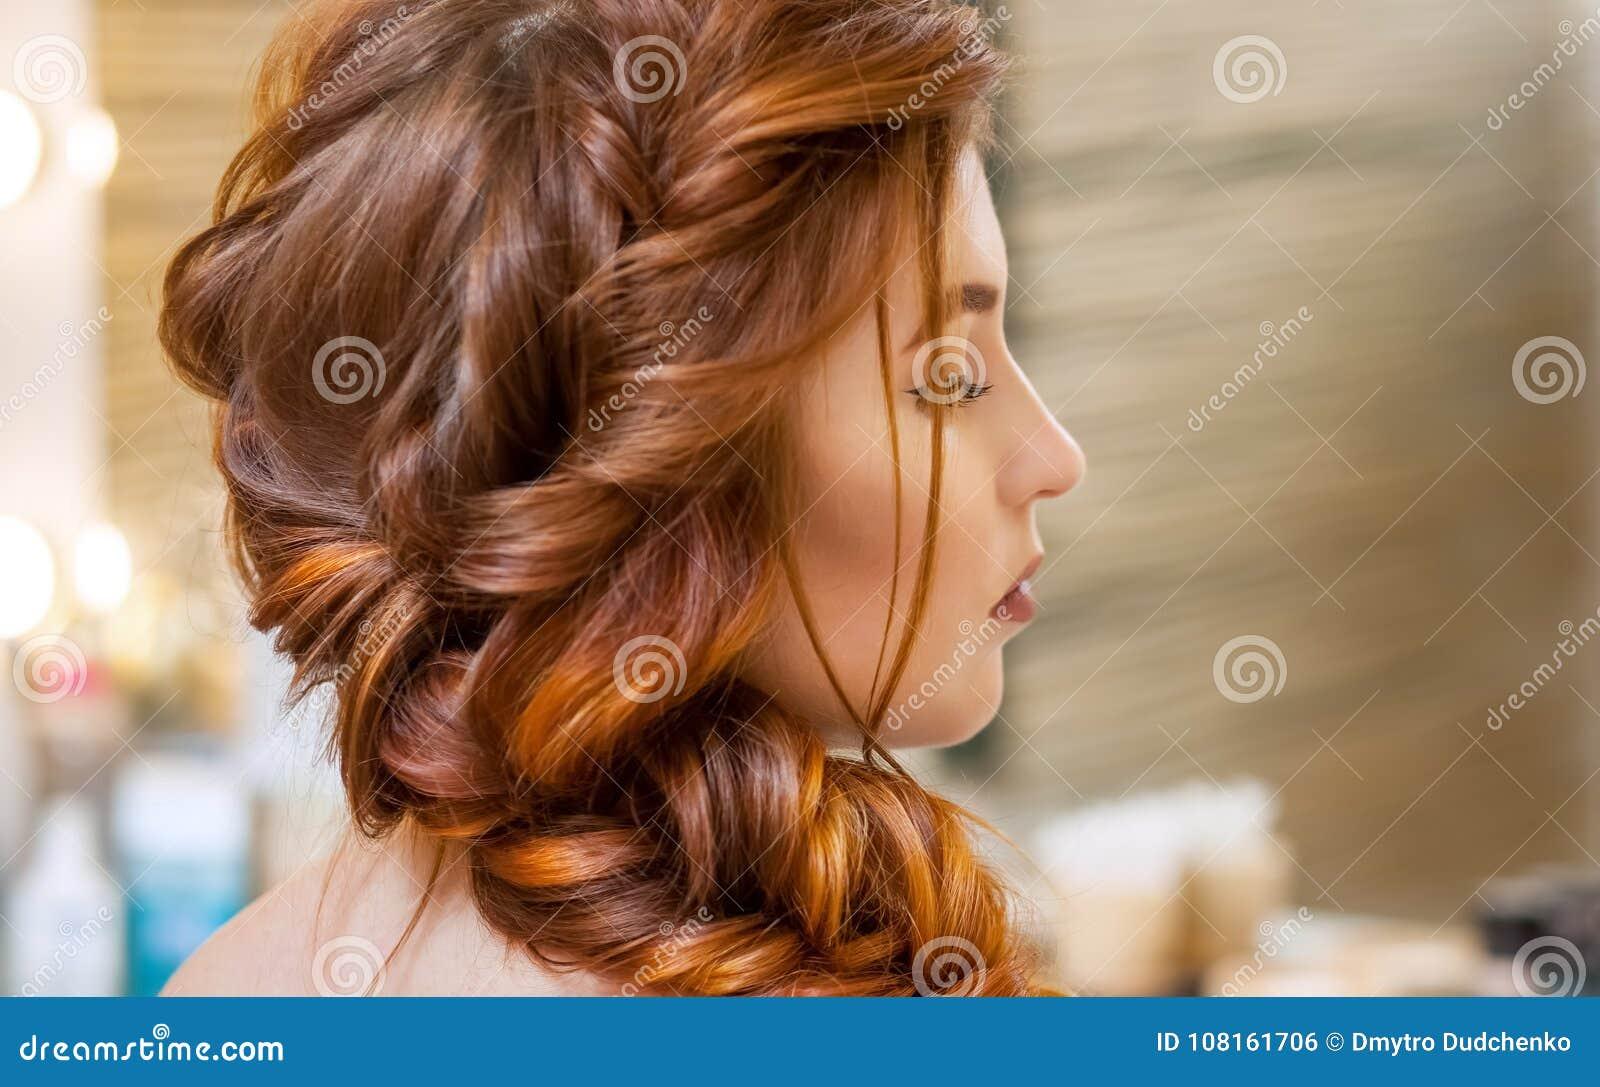 Όμορφος, με το μακρύ, κοκκινομάλλες τριχωτό κορίτσι, κομμωτής υφαίνει μια γαλλική πλεξούδα, σε ένα σαλόνι ομορφιάς